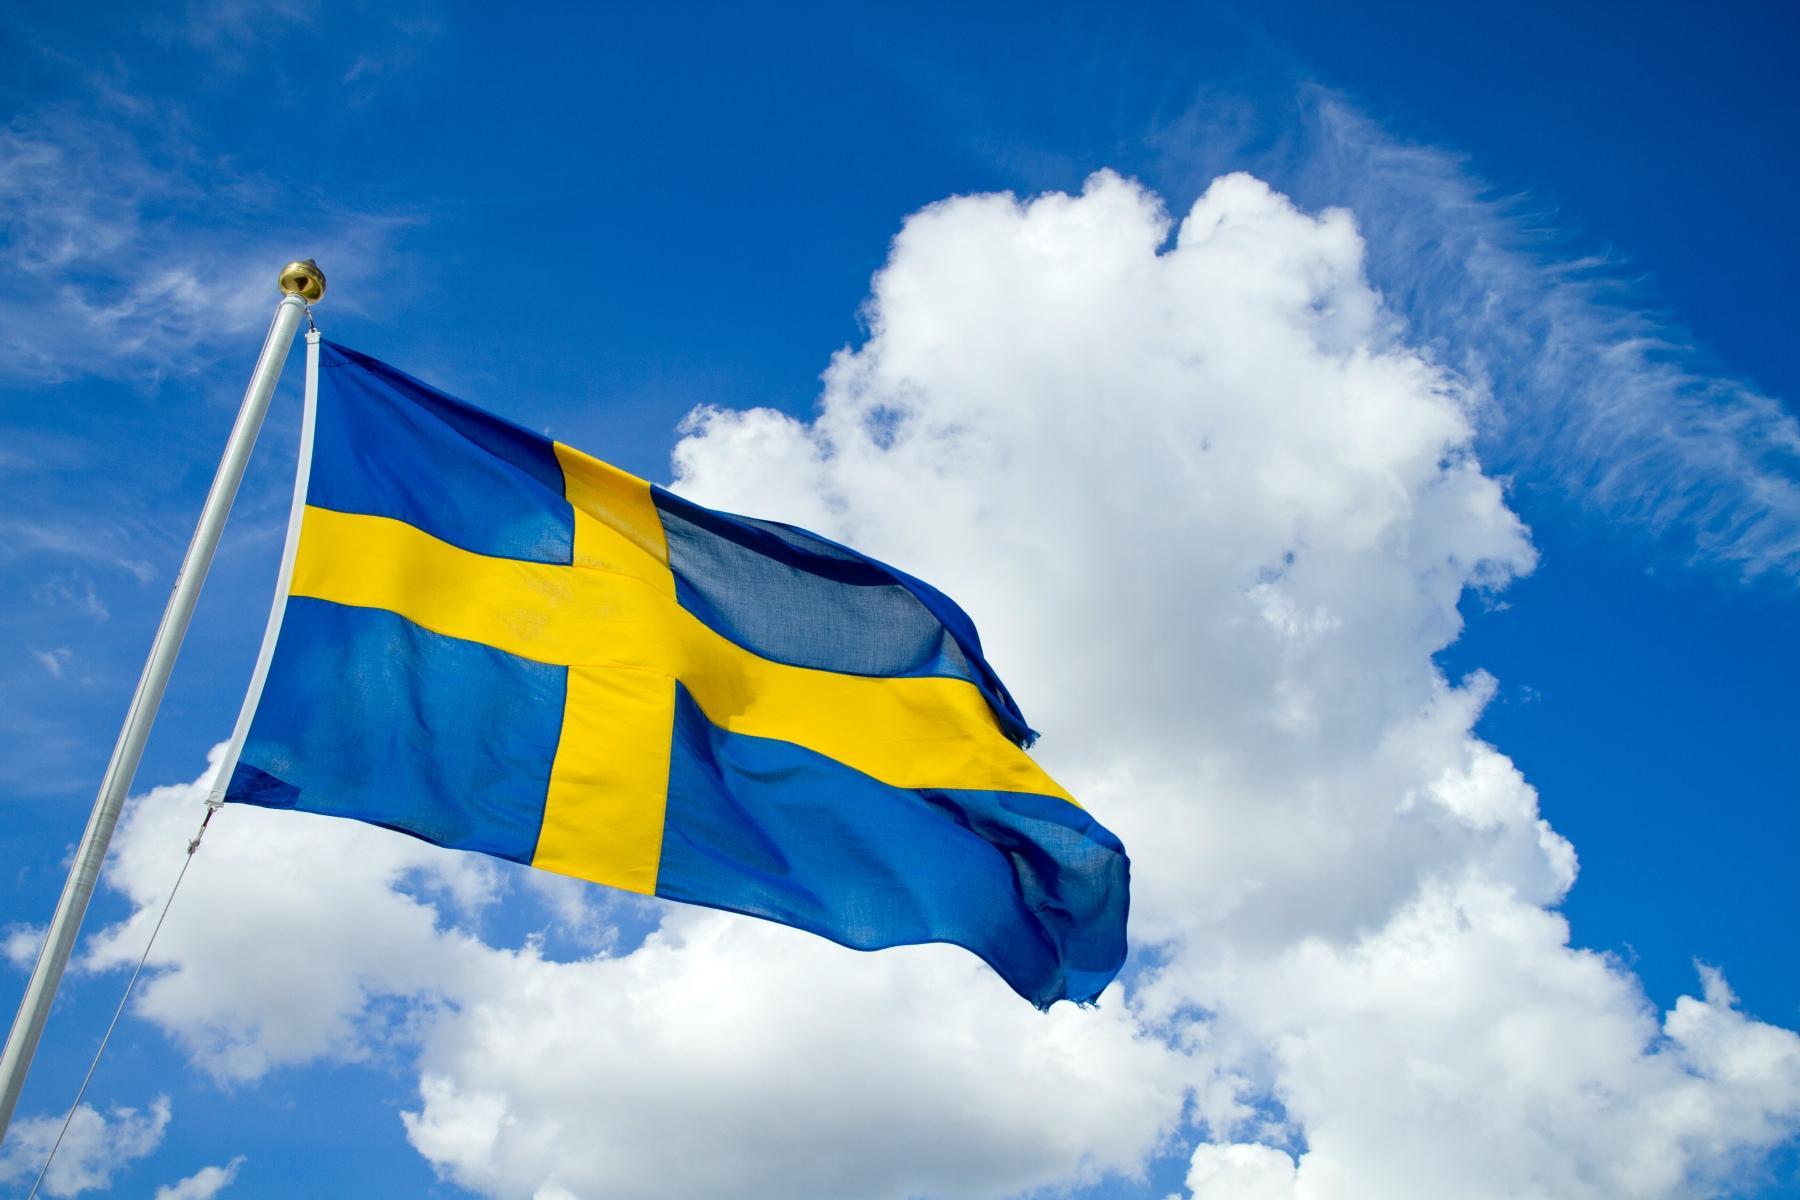 Bildresultat för midsommarstång med flagga